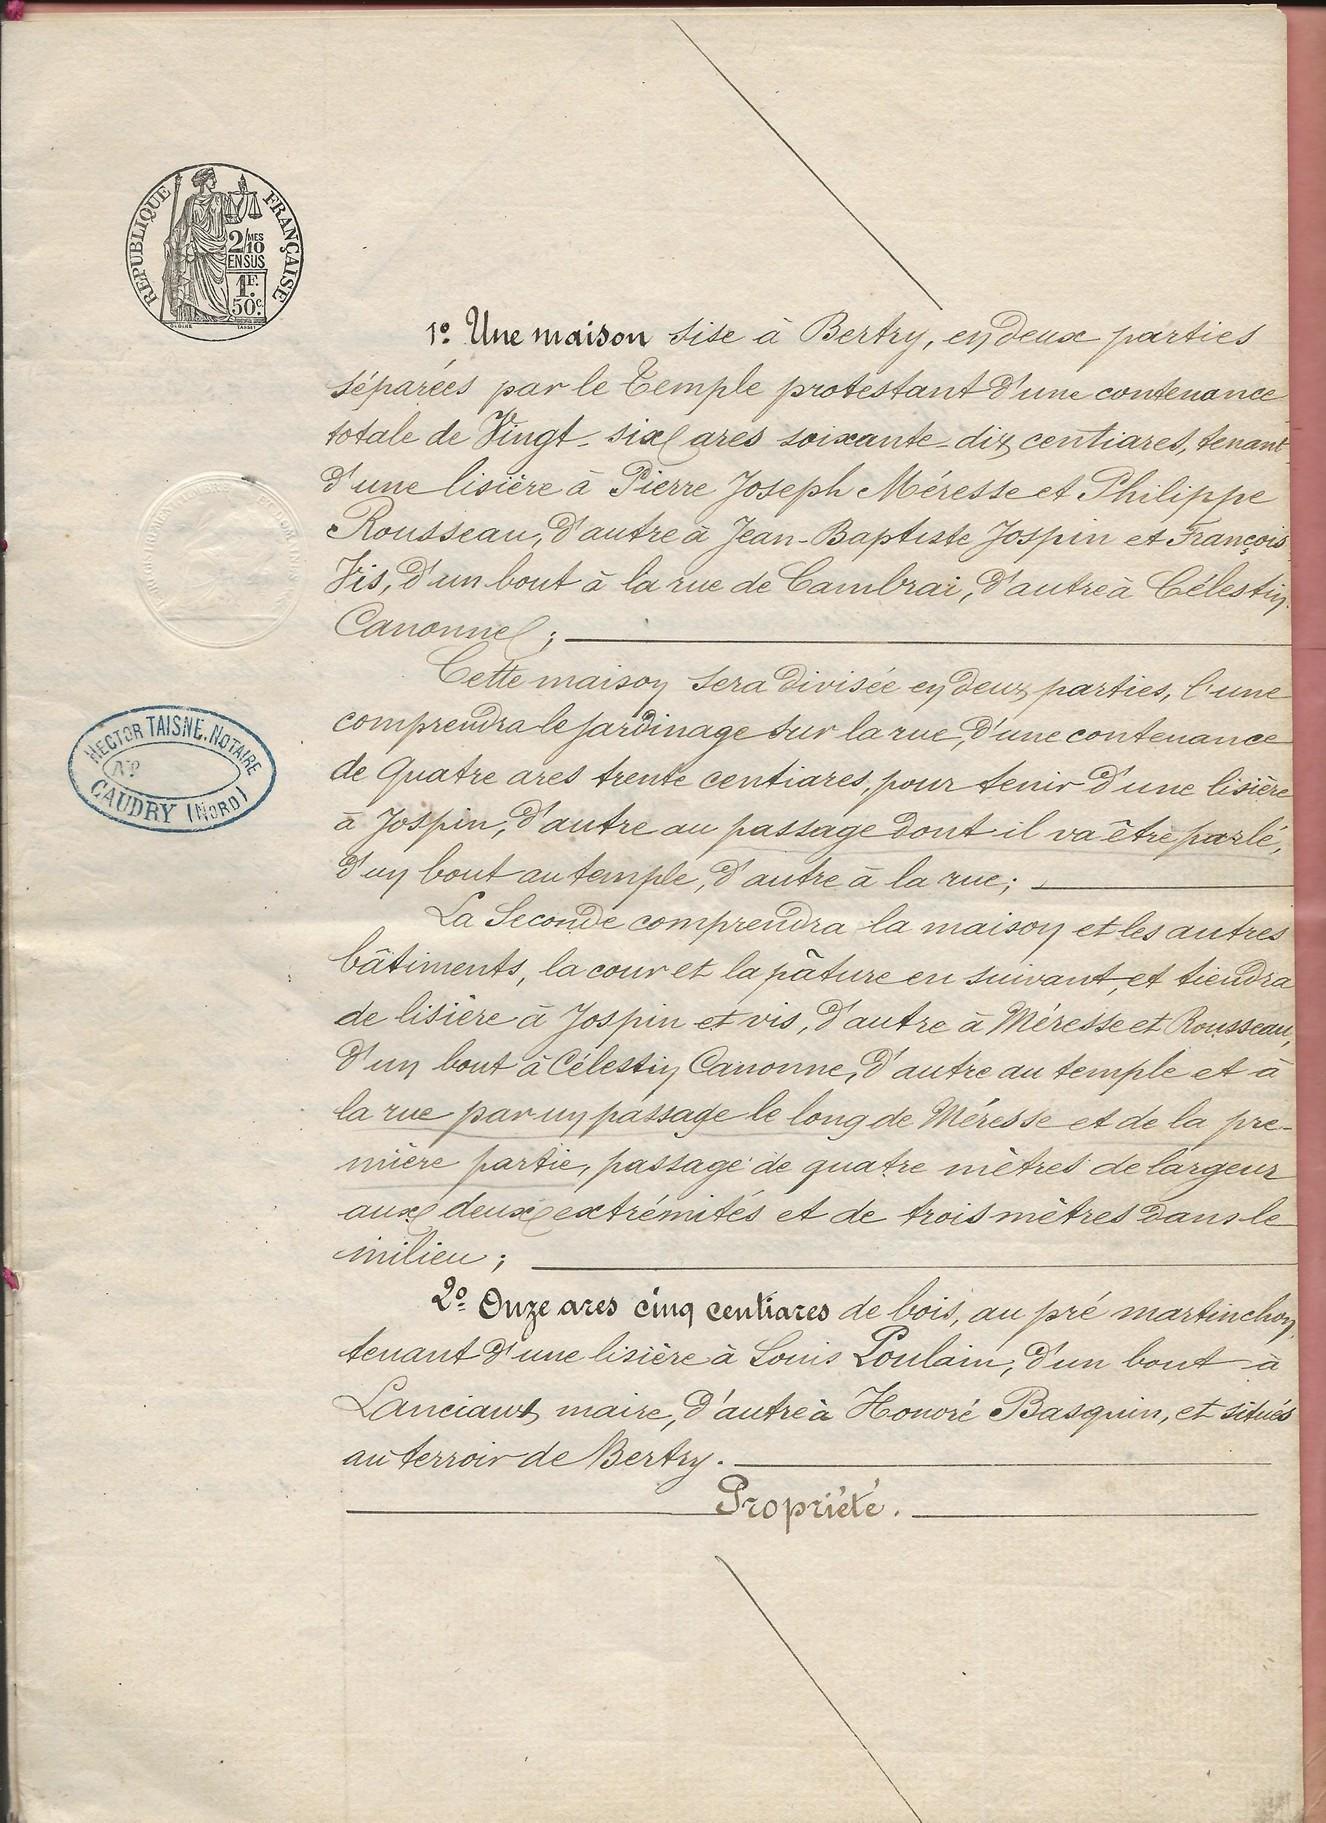 1854 vente adjucation vve poulain haimel a jeremy poulain 003